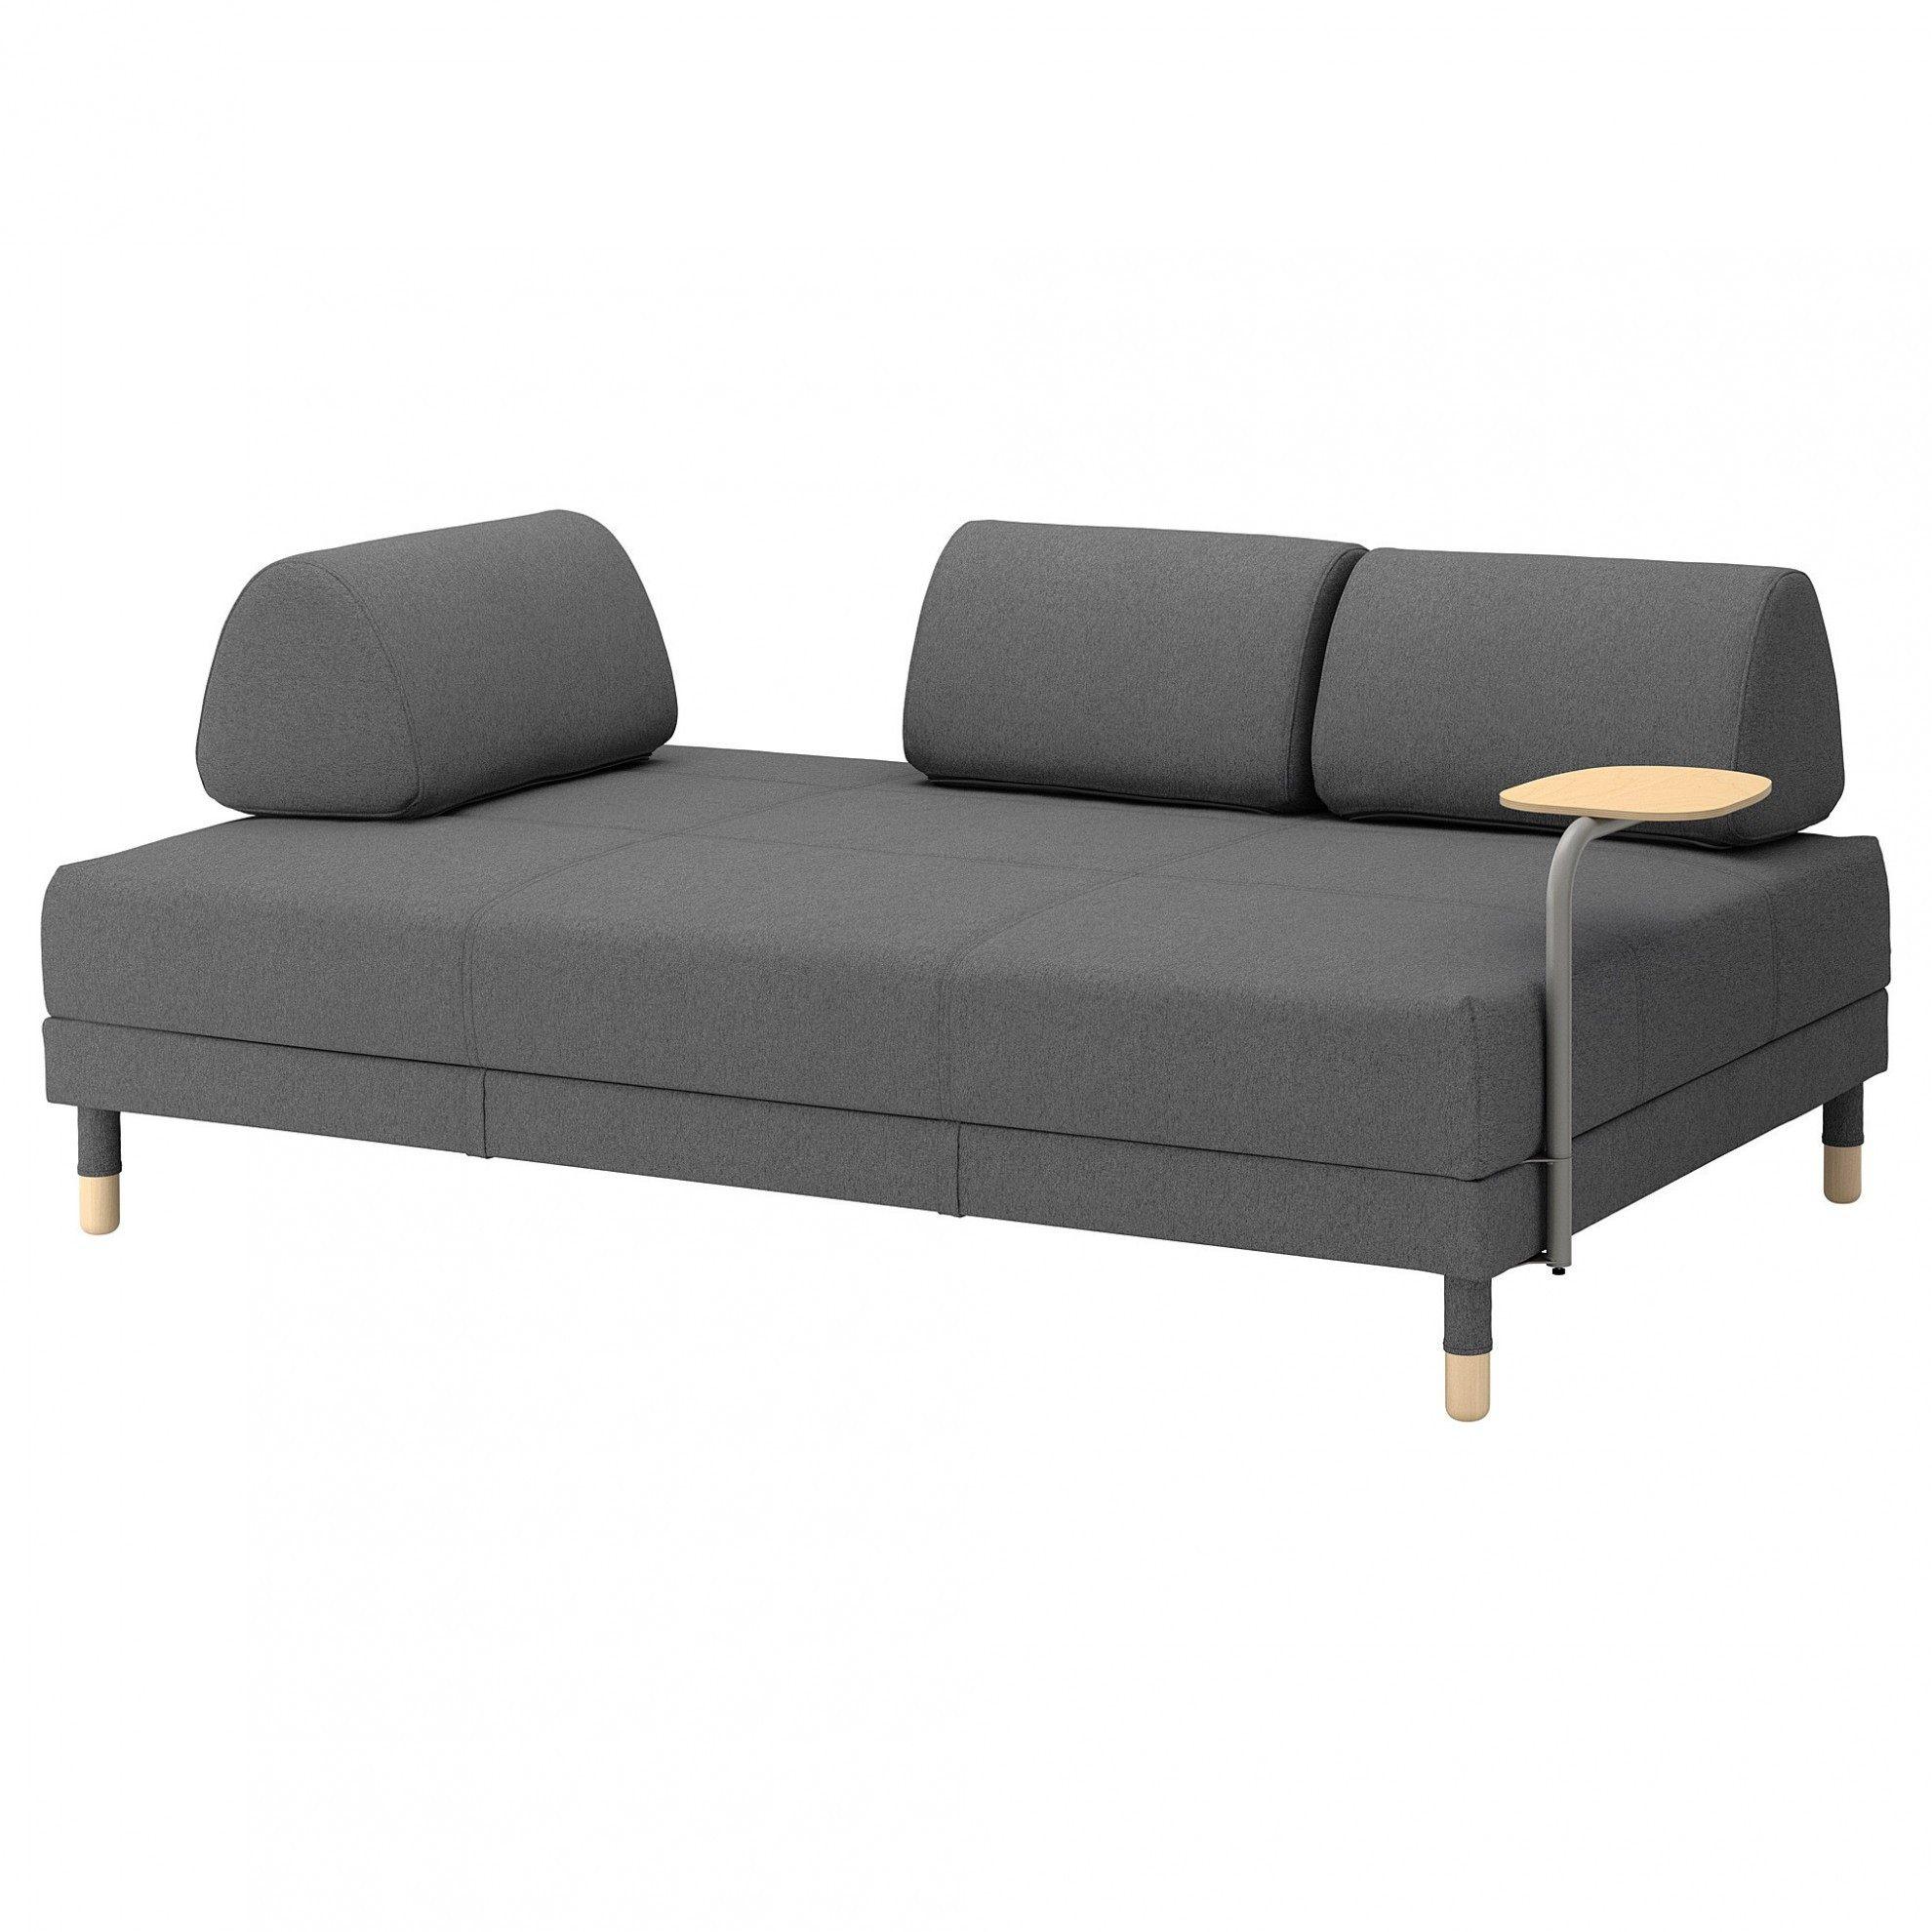 Canapé Lit Conforama Meilleur De Décoratif Canapé Convertible Pas Cher Conforama Dans Canape Lit